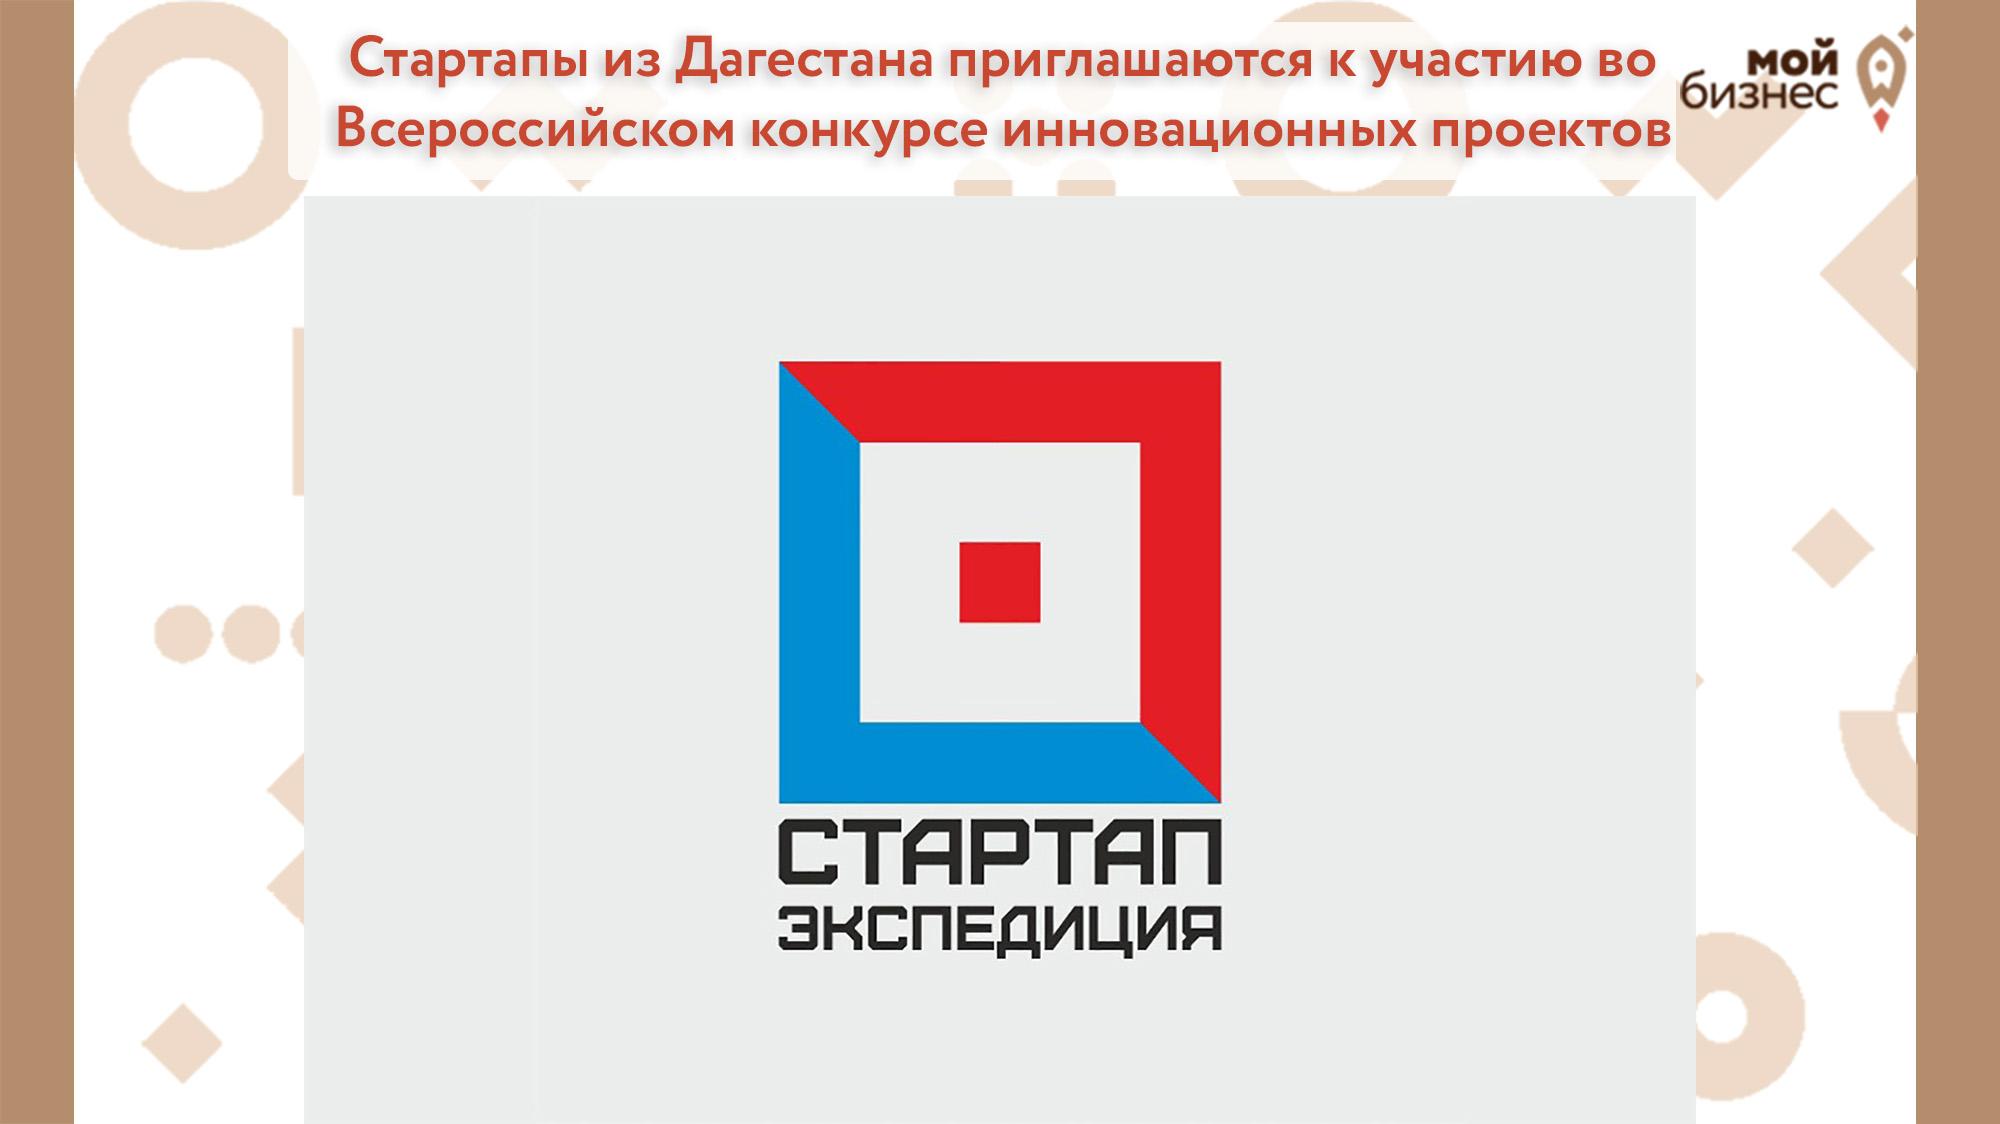 Стартапы из Дагестана приглашаются к участию во Всероссийском конкурсе инновационных проектов